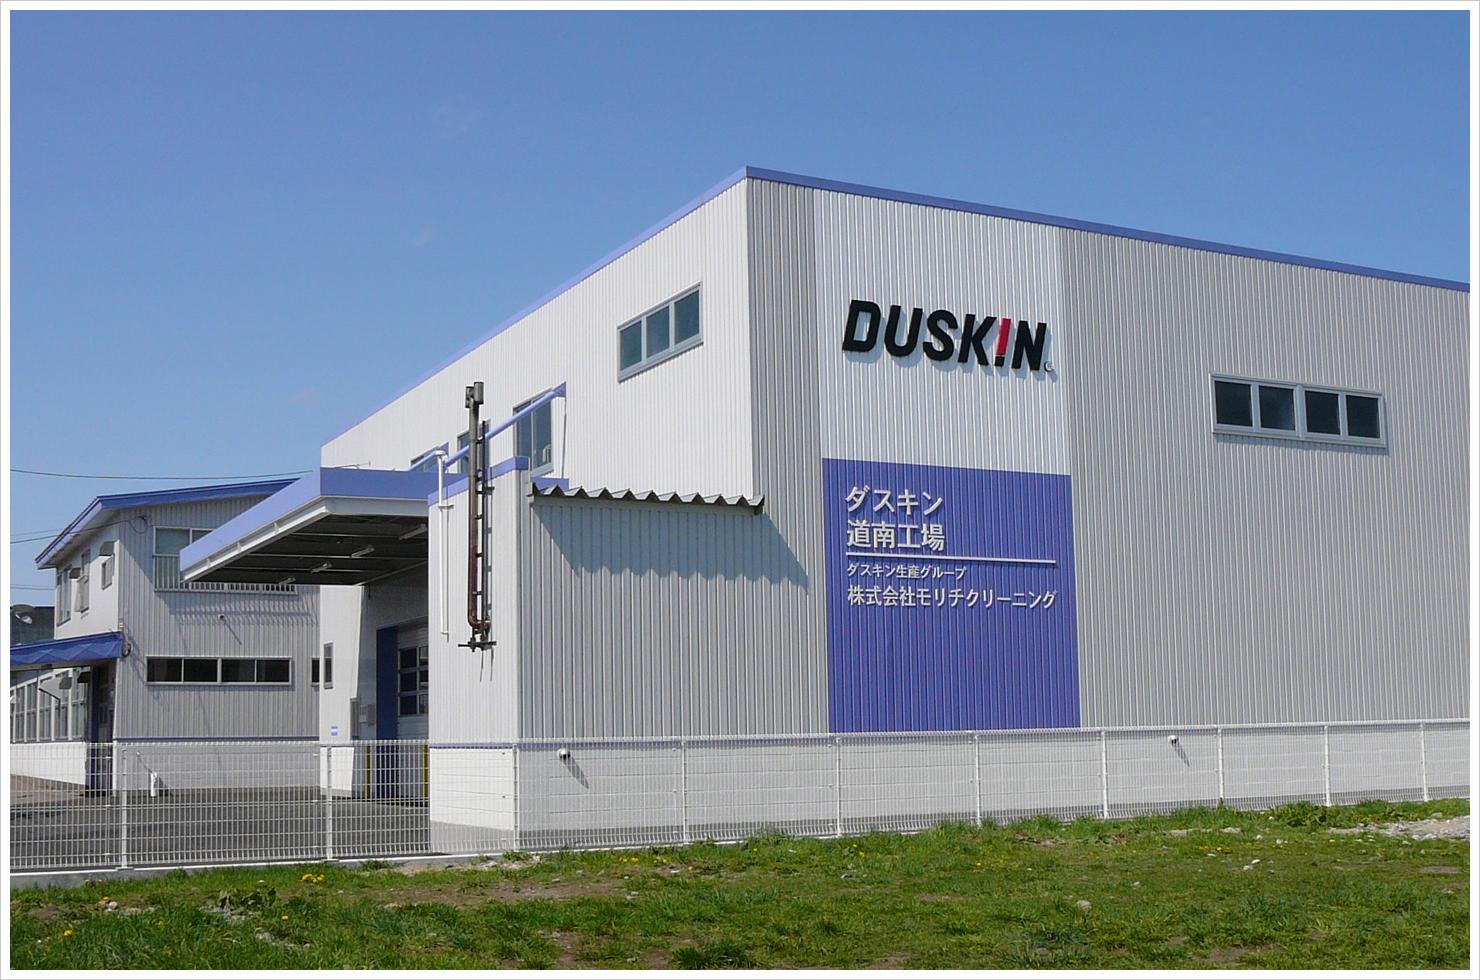 株式会社 モリチクリーニング 七飯工場